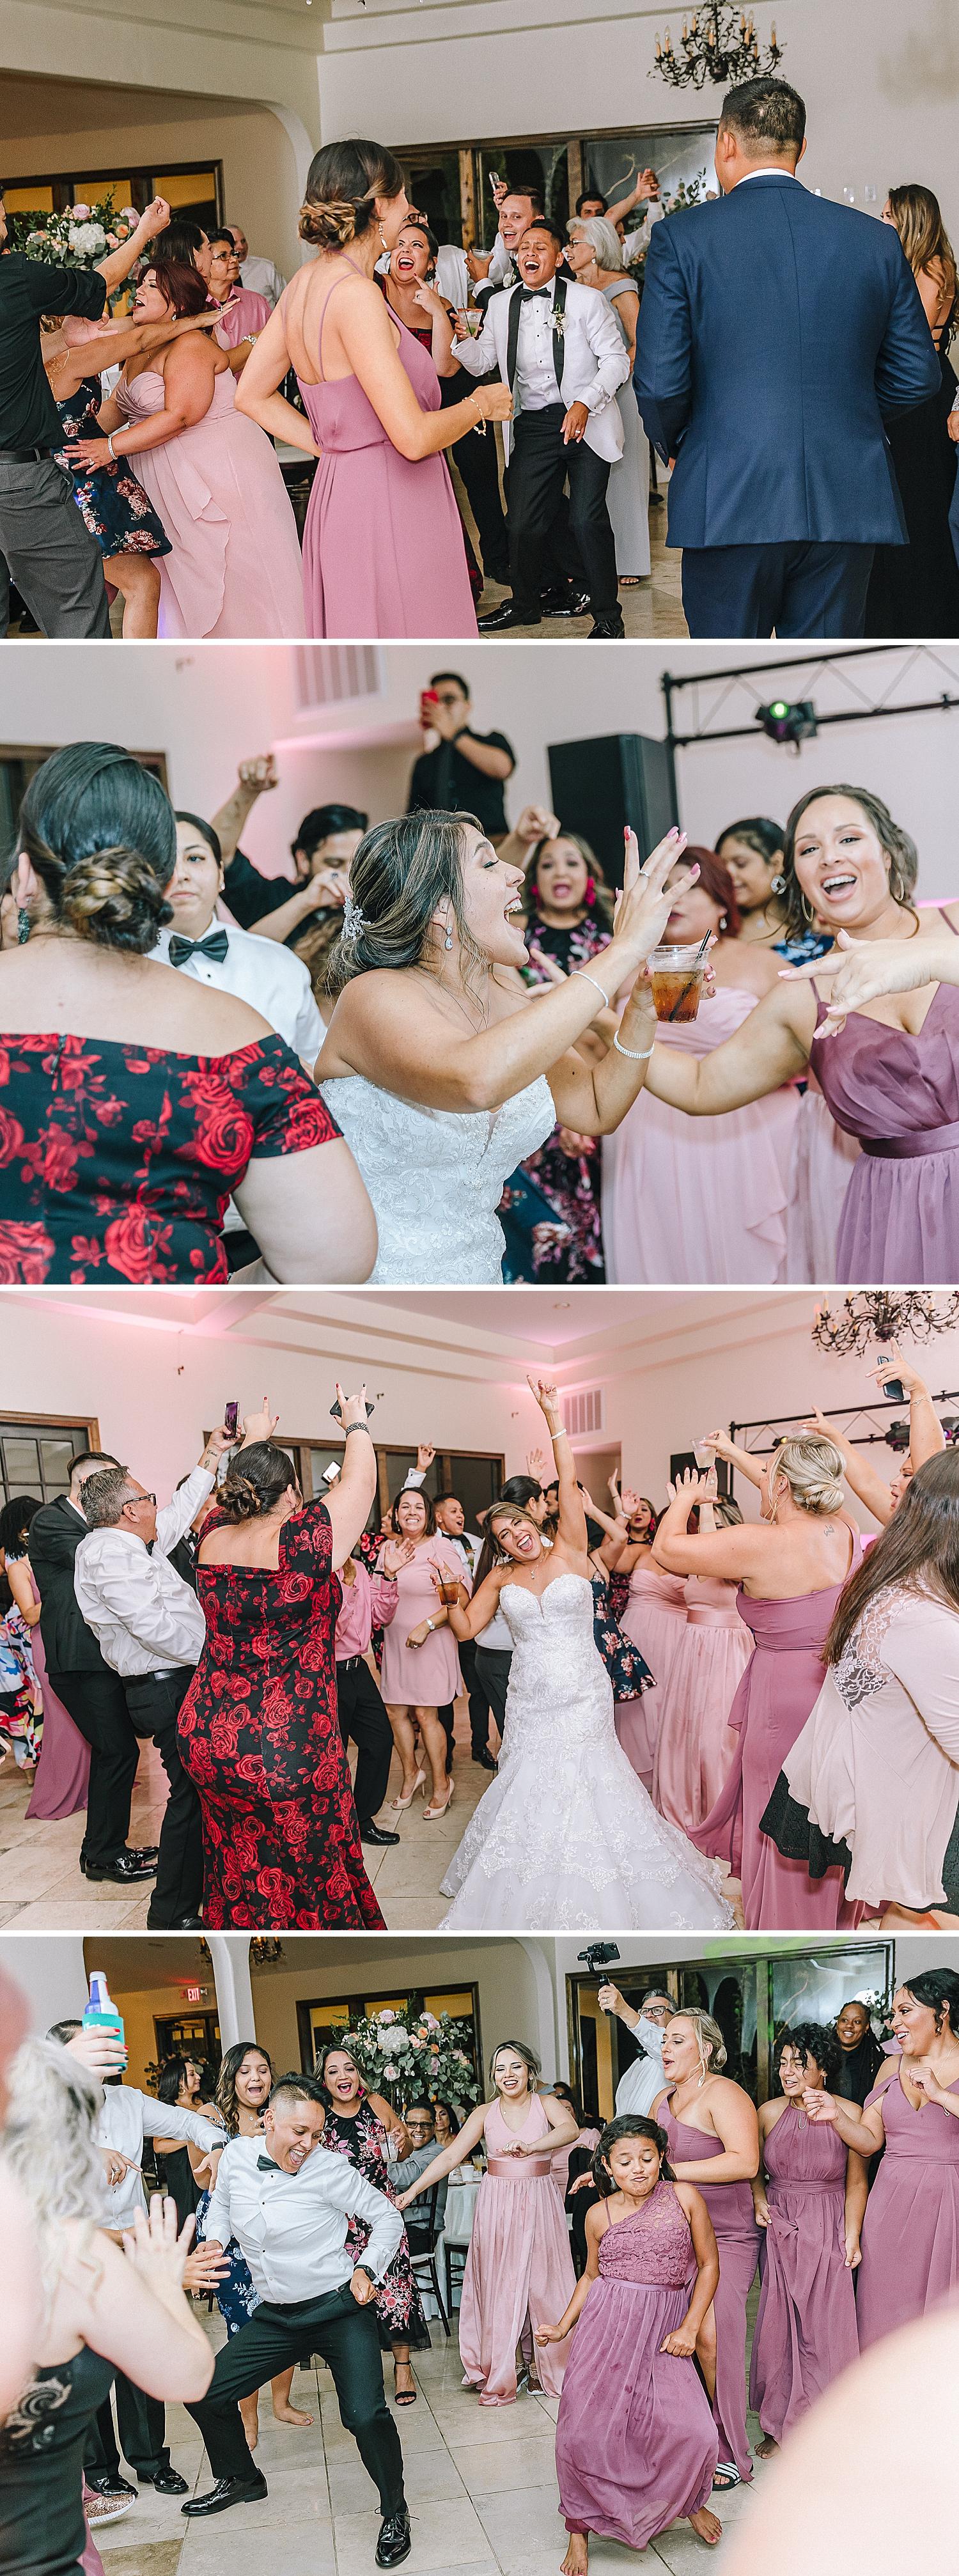 Carly-Barton-Photography-The-Villa-at-Cielo-Vista-Blush-Gold-White-Wedding-Photos_0028.jpg